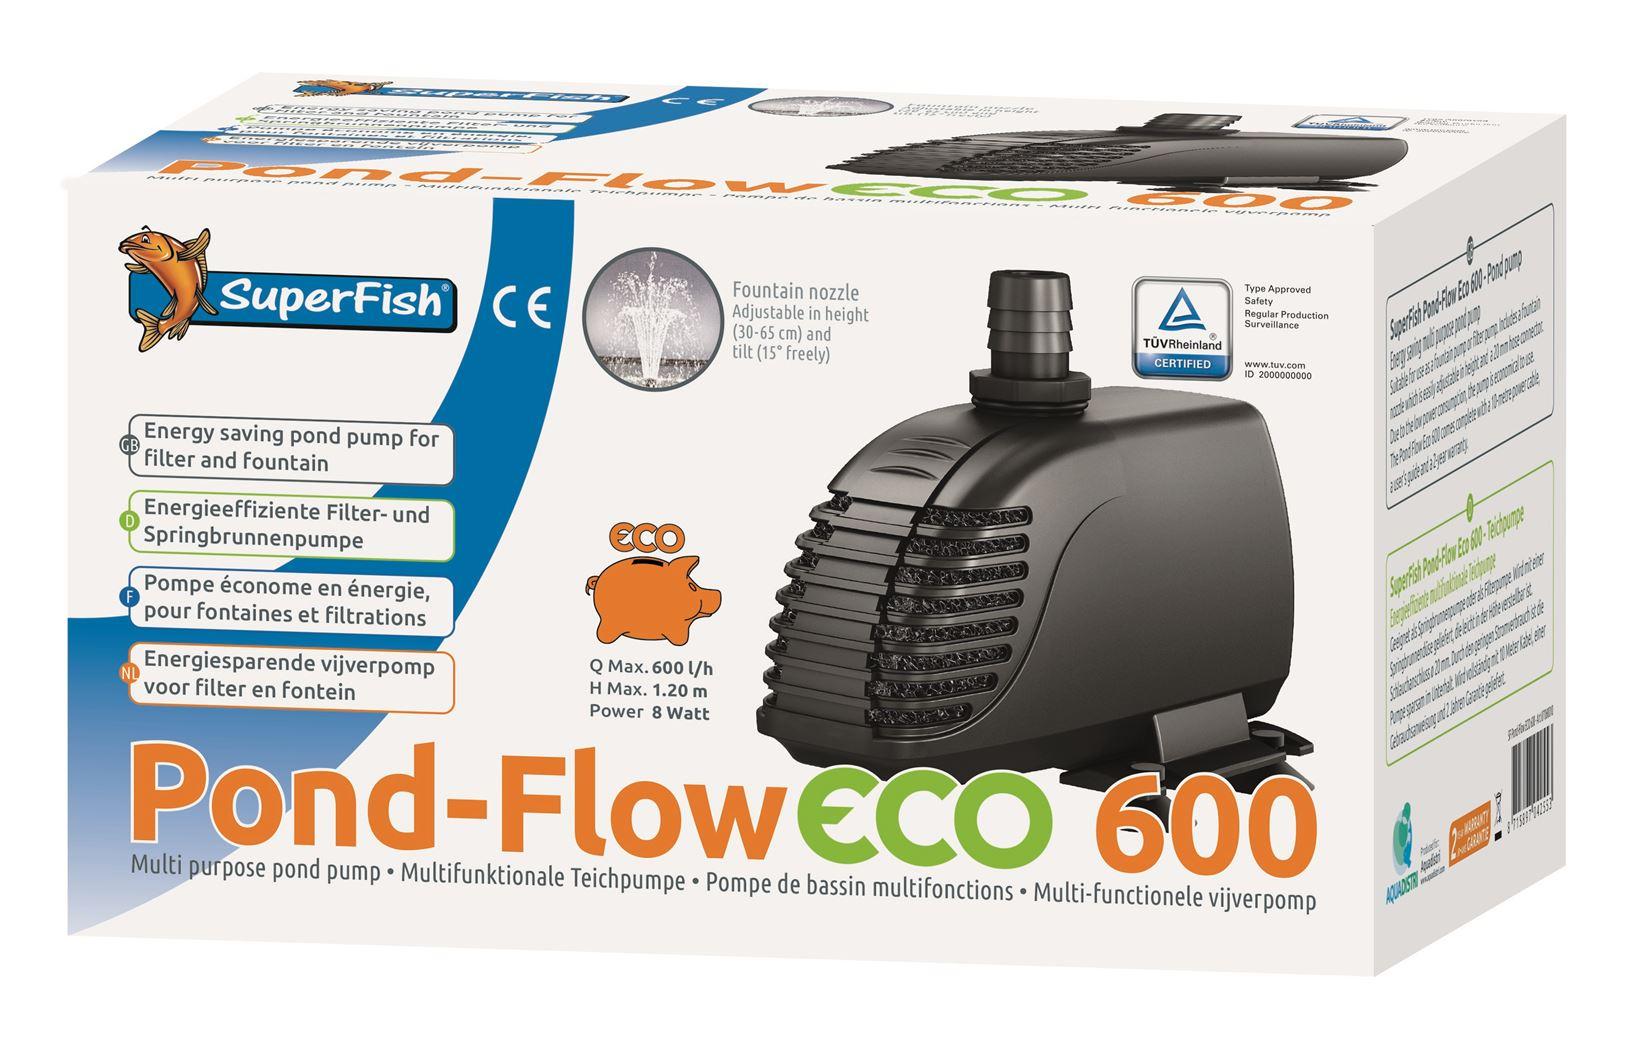 vijverpomp superfish pond flow eco 600